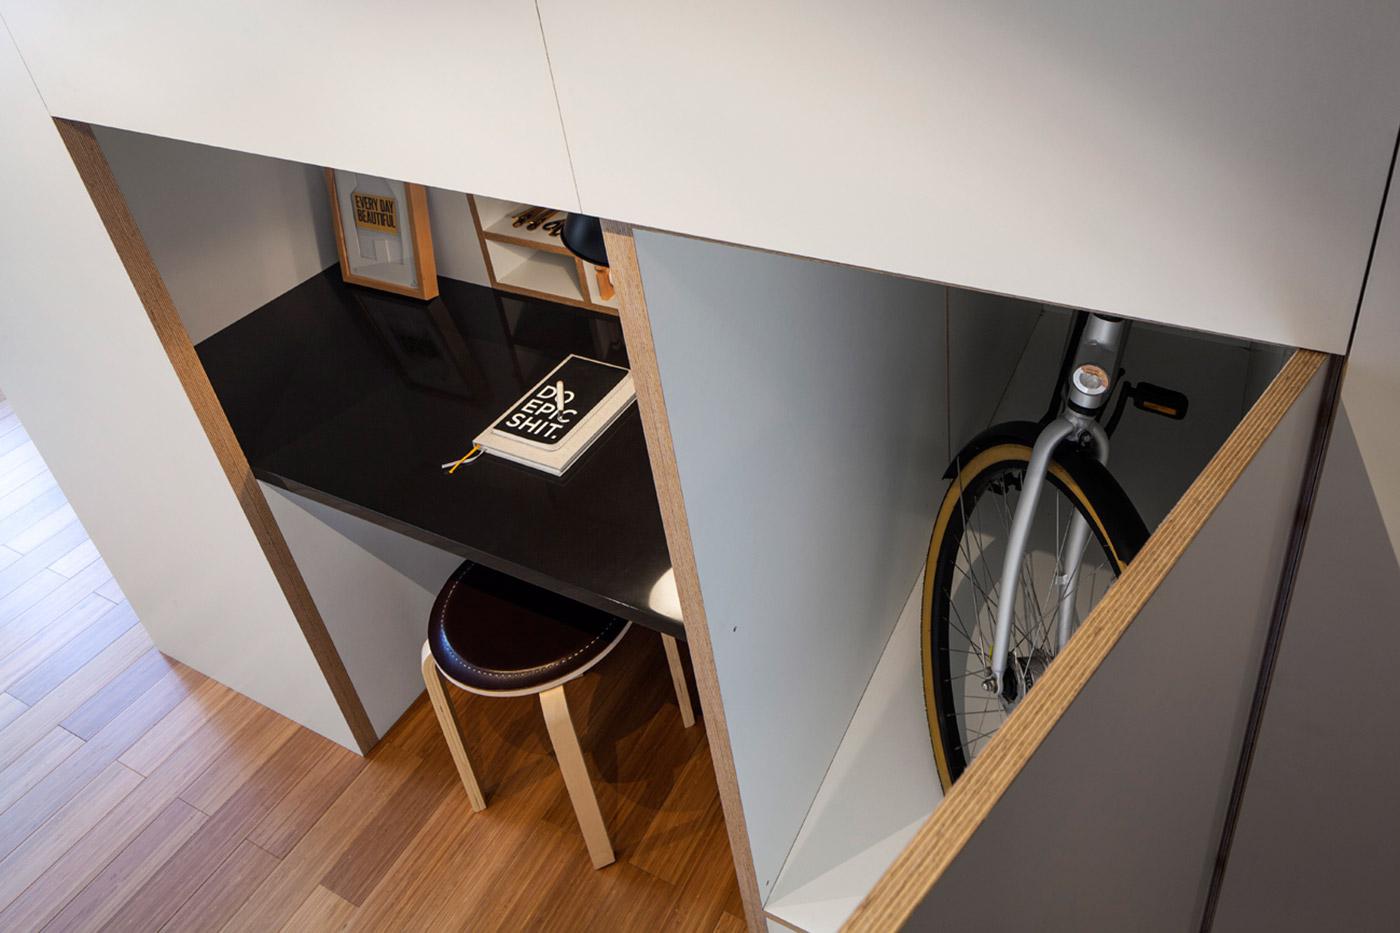 Специальный ящик для хранения велосипеда в шкафу